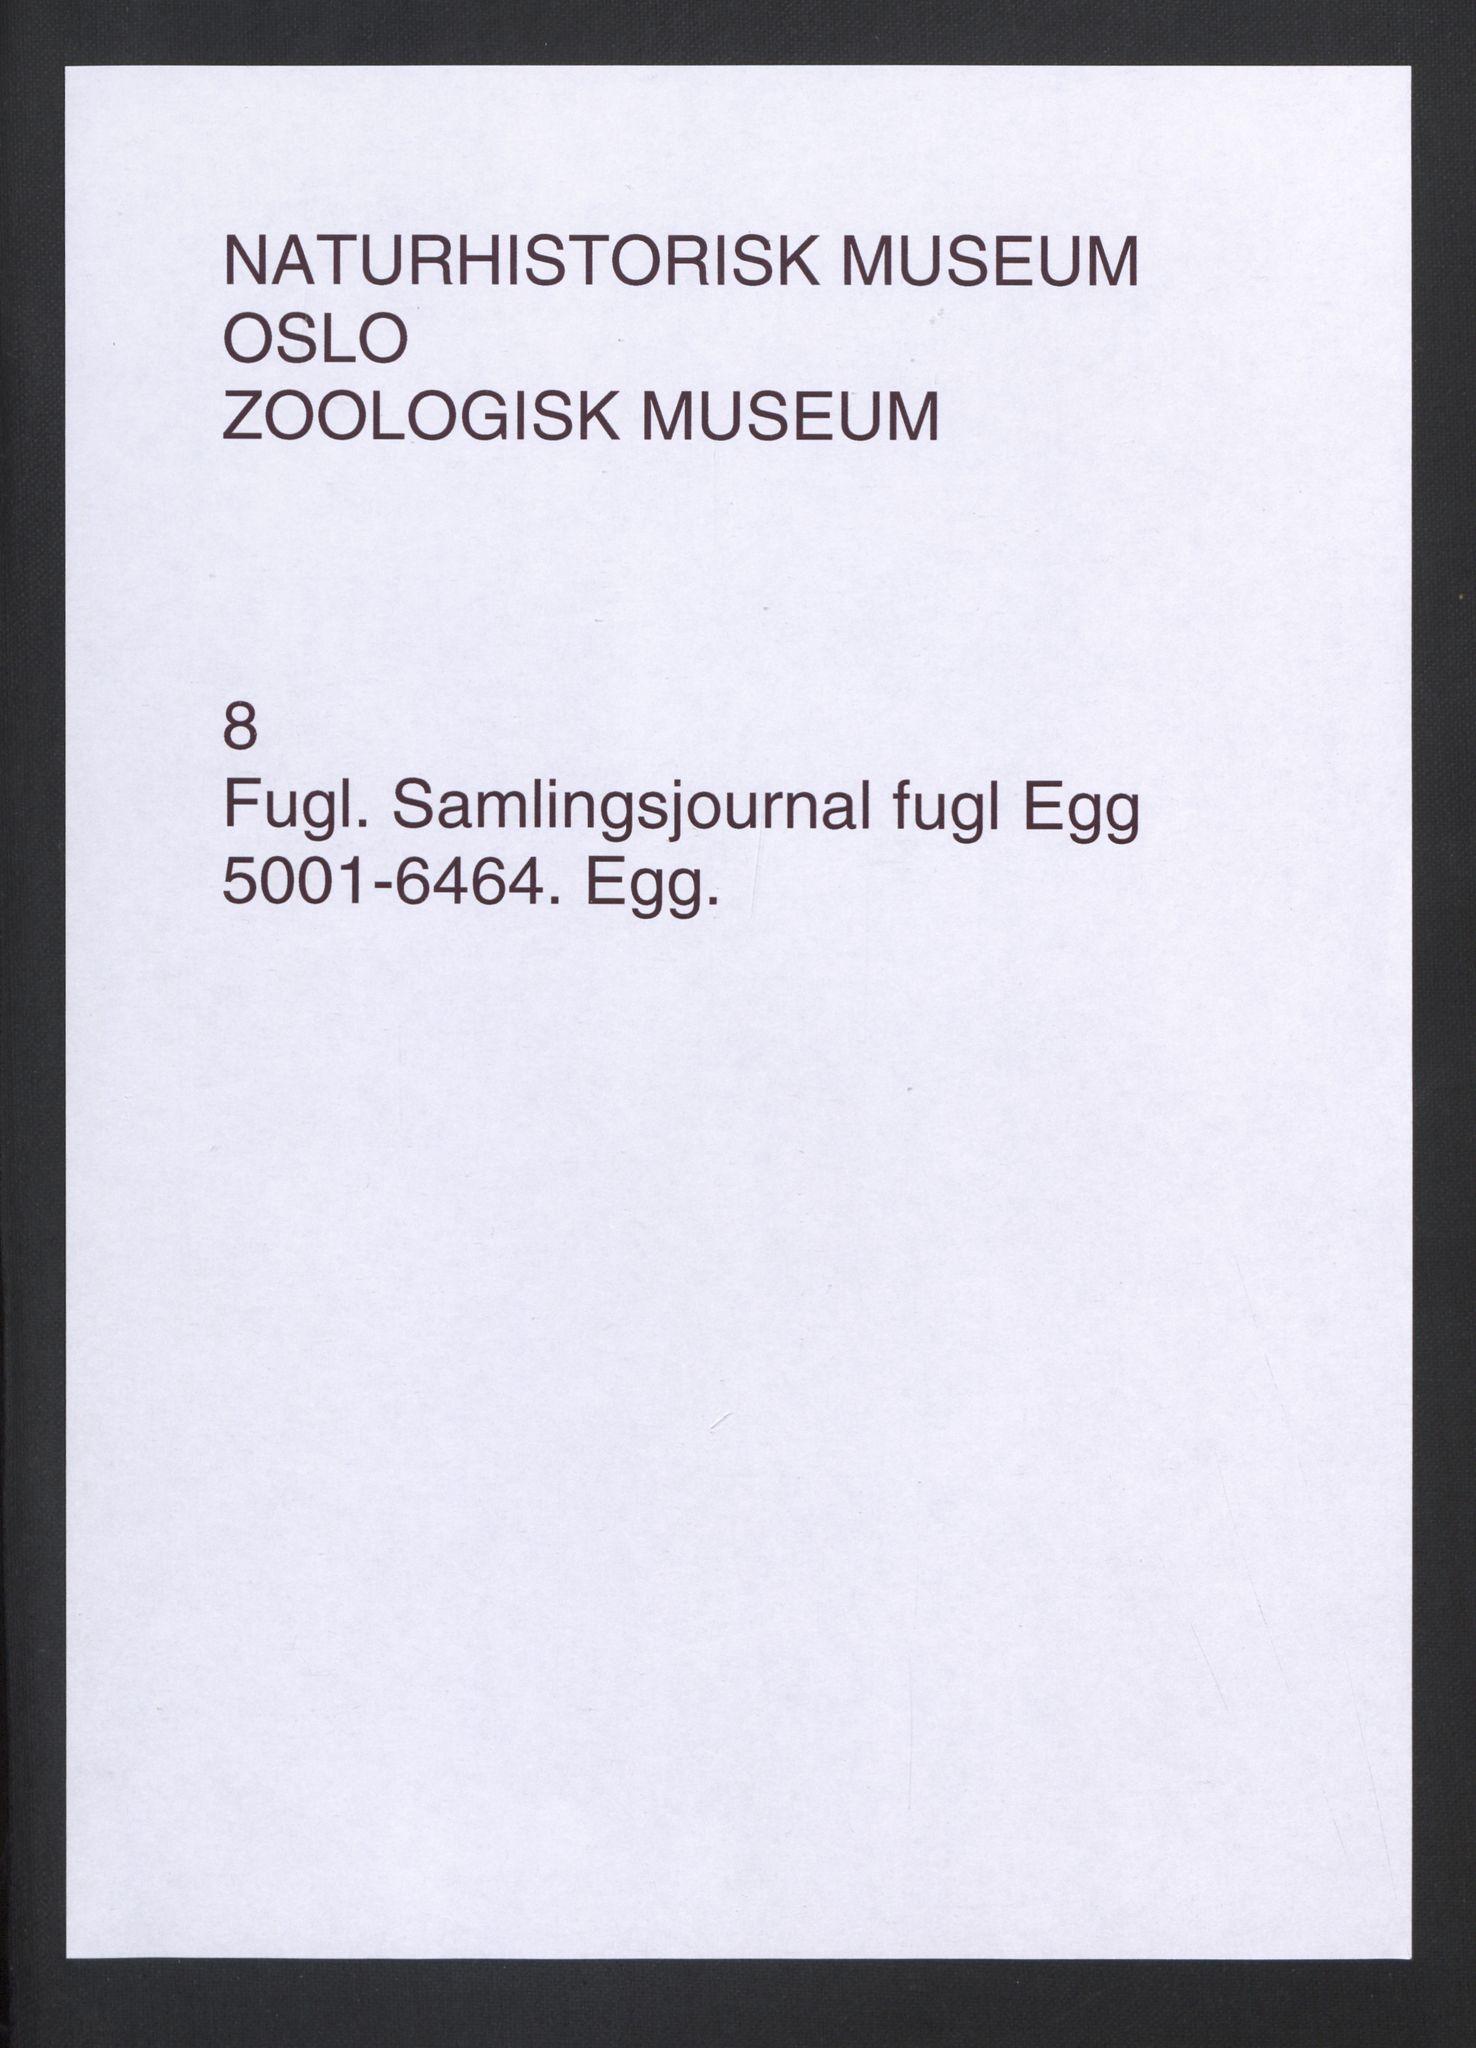 NHMO, Naturhistorisk museum (Oslo), 2: Fugl. Samlingsjournal. Fuglesamlingen, Eggsamling (Le), nr. 5001-6464.